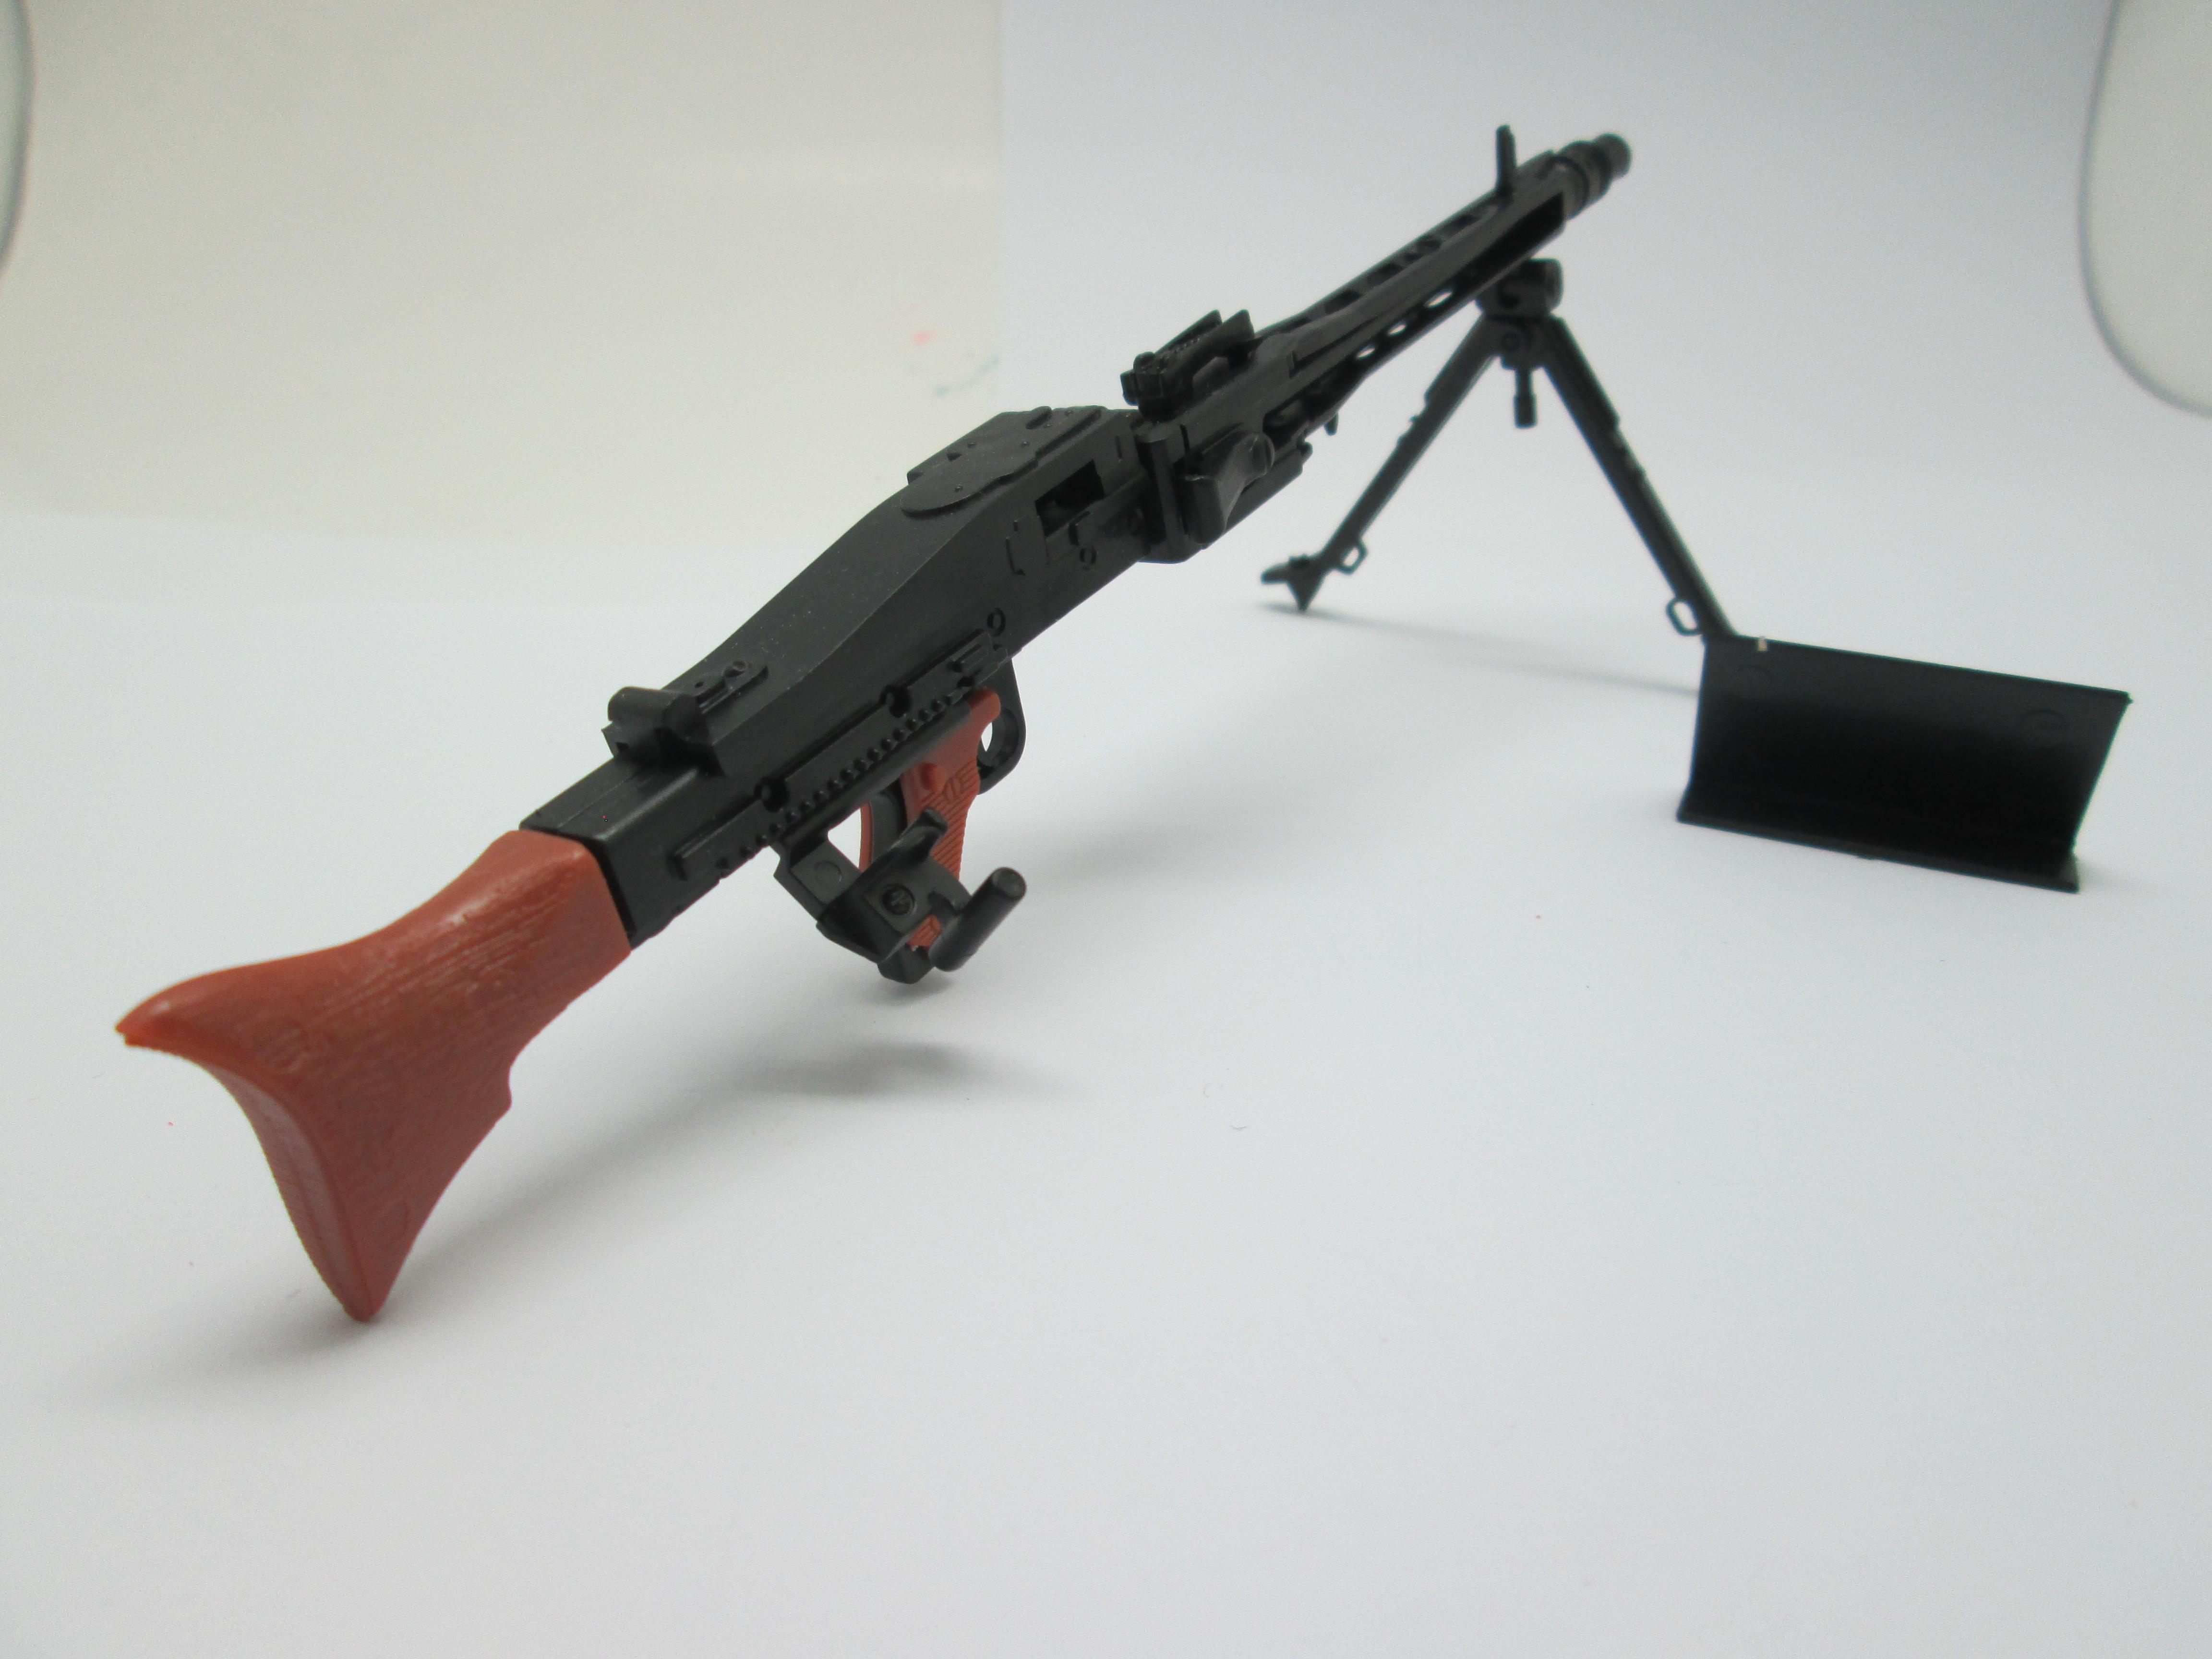 มเดลปืน 4D Model โมเดลปืนทหาร แบบ MG42